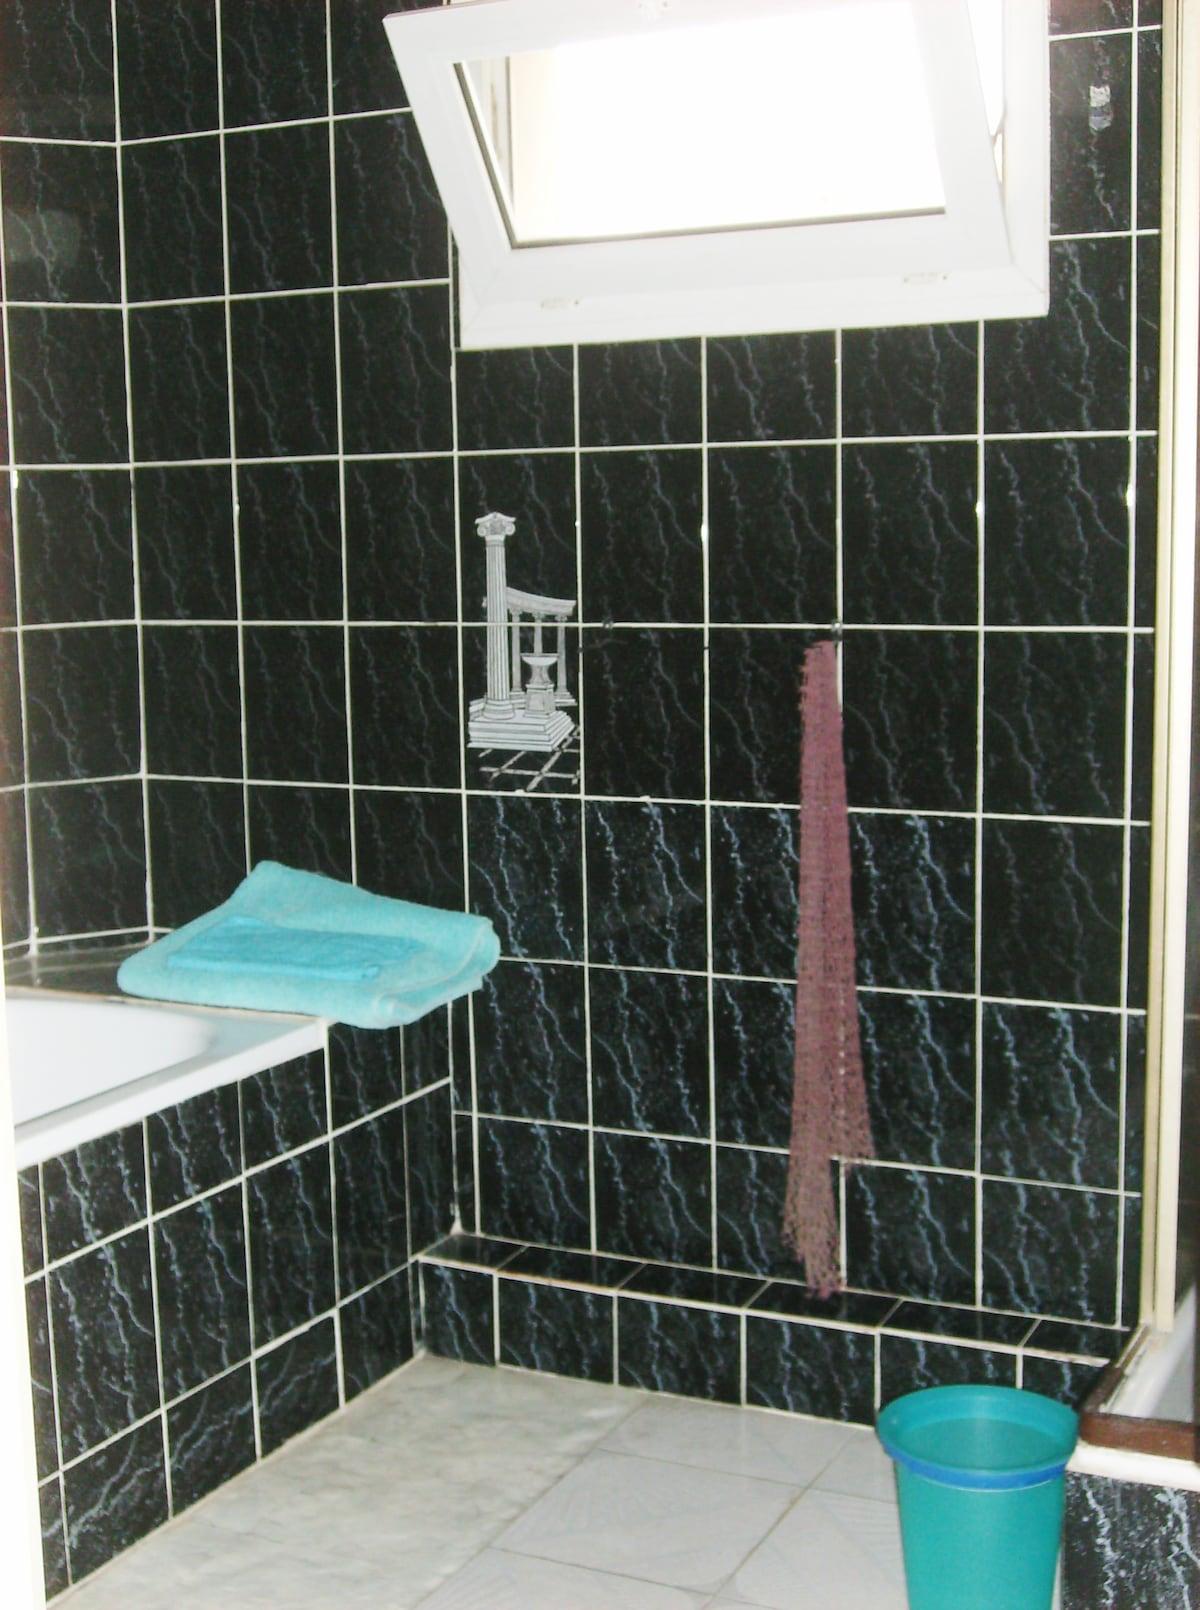 Salle de bain privée attenante à la chambred'hôte